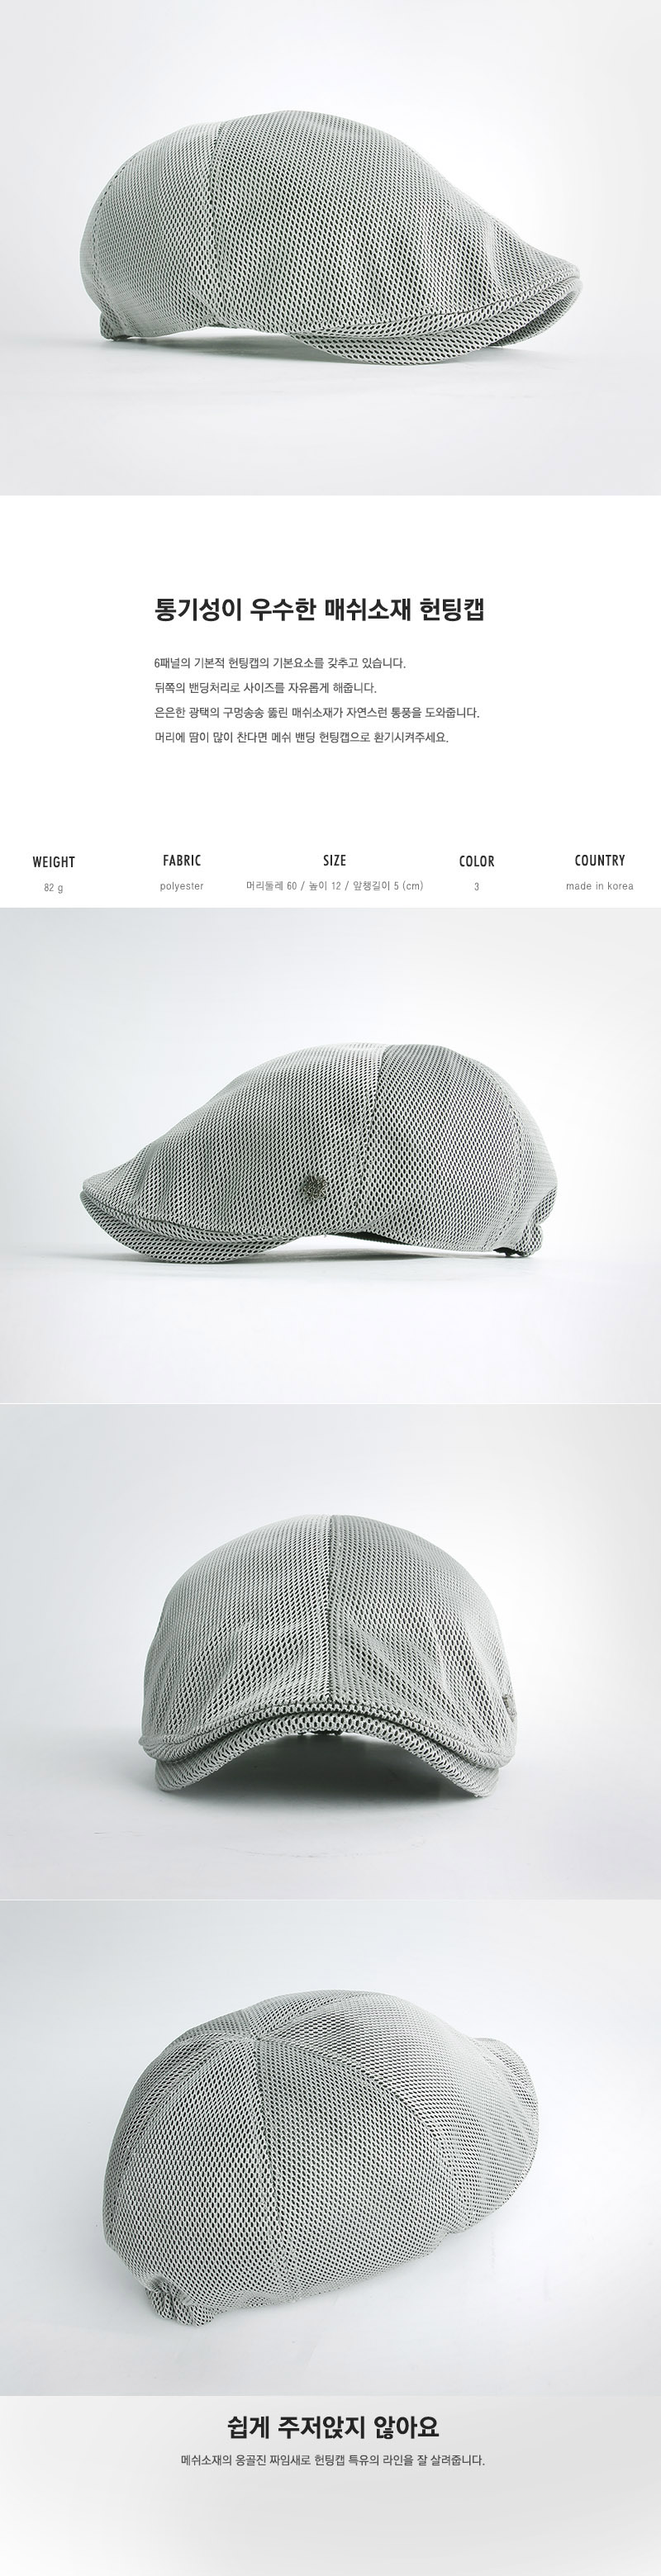 [플래그쉽] 메쉬 밴딩 헌팅캡 [3컬러] (FLAGSHIP mesh banding hunting cap)